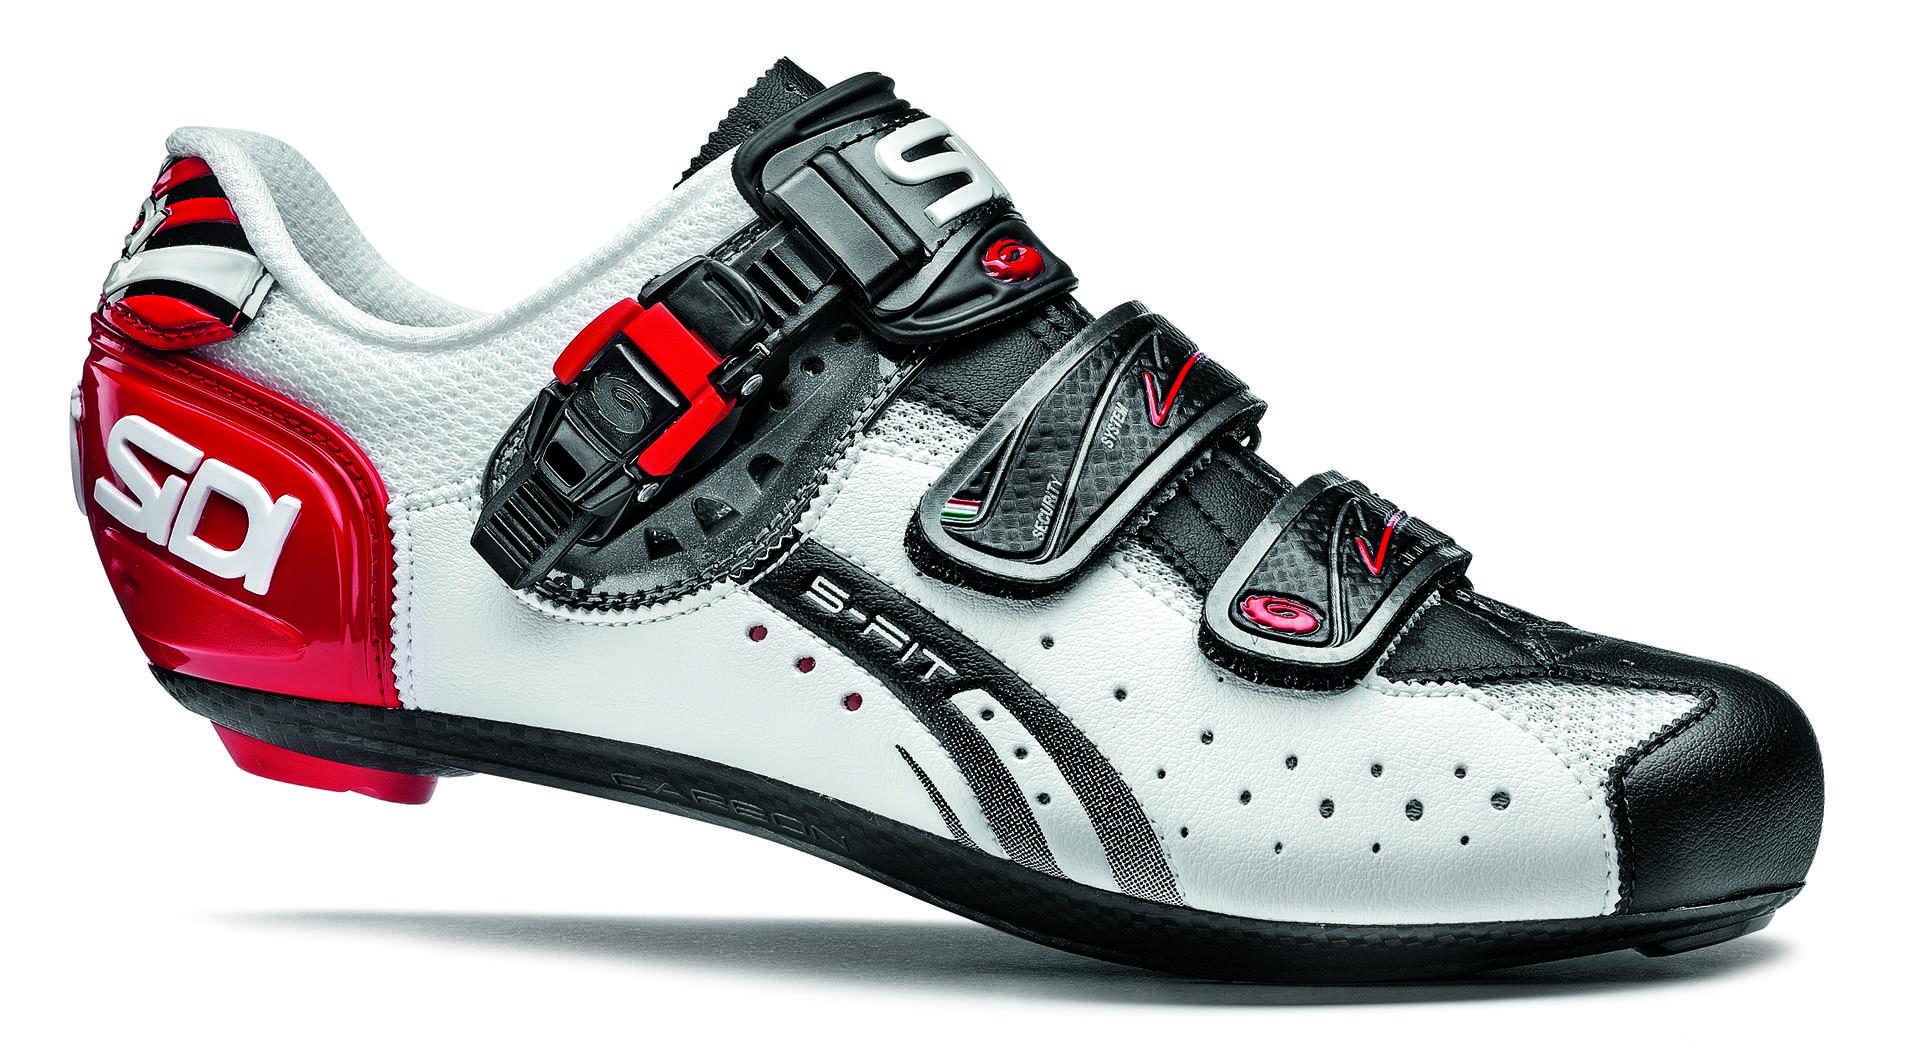 Sidi Chaussures Rouges Avec Velcro Pour Les Hommes C6Hno